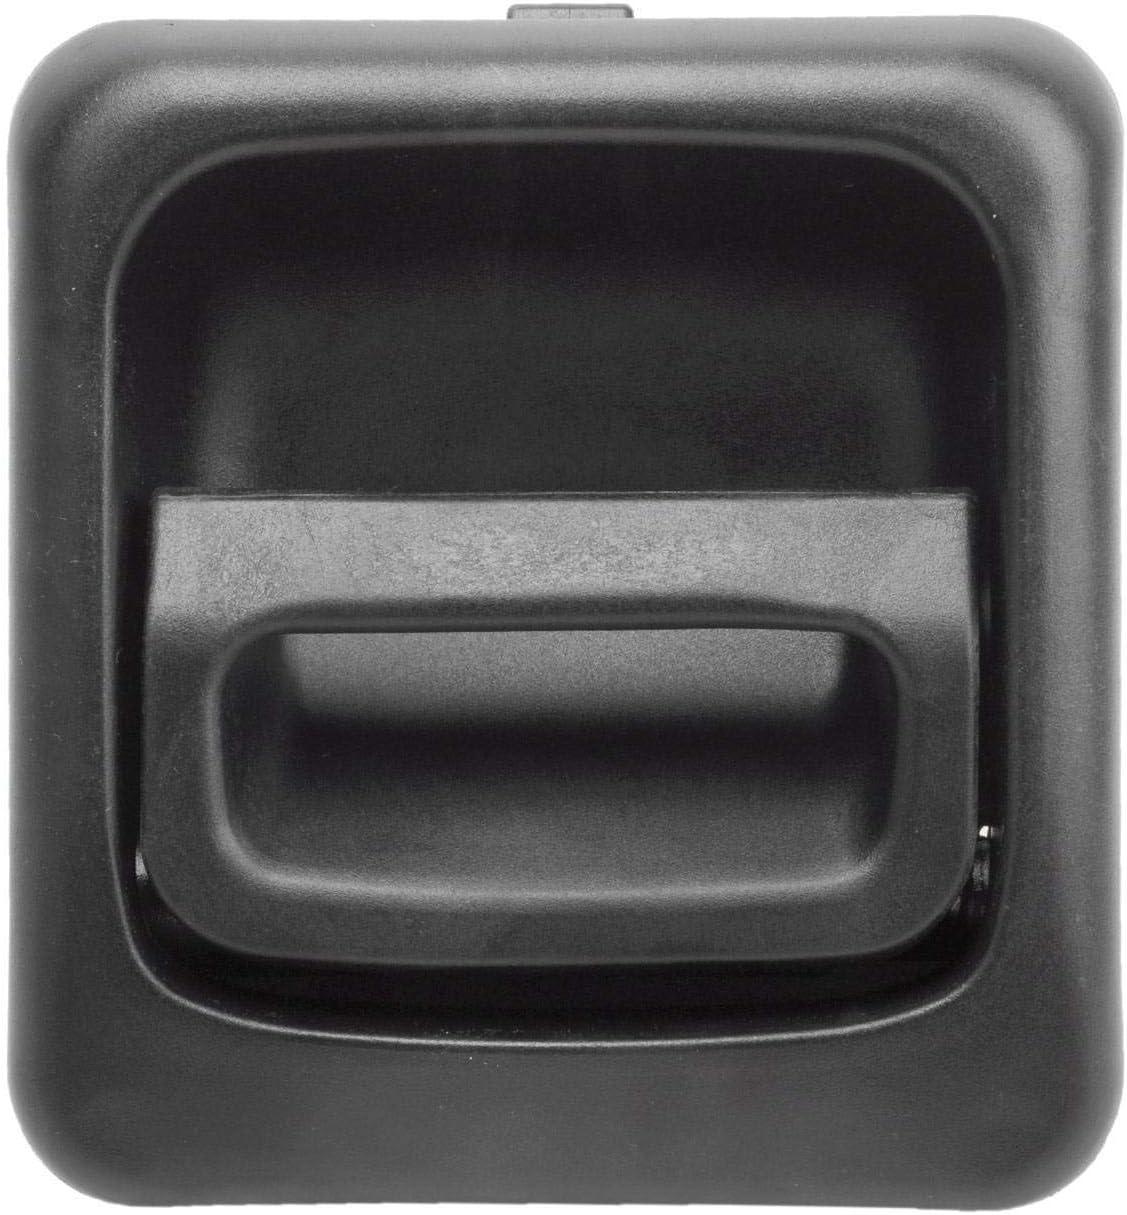 Bapmic 735307399 - Tirador de puerta corredera derecha con junta ...